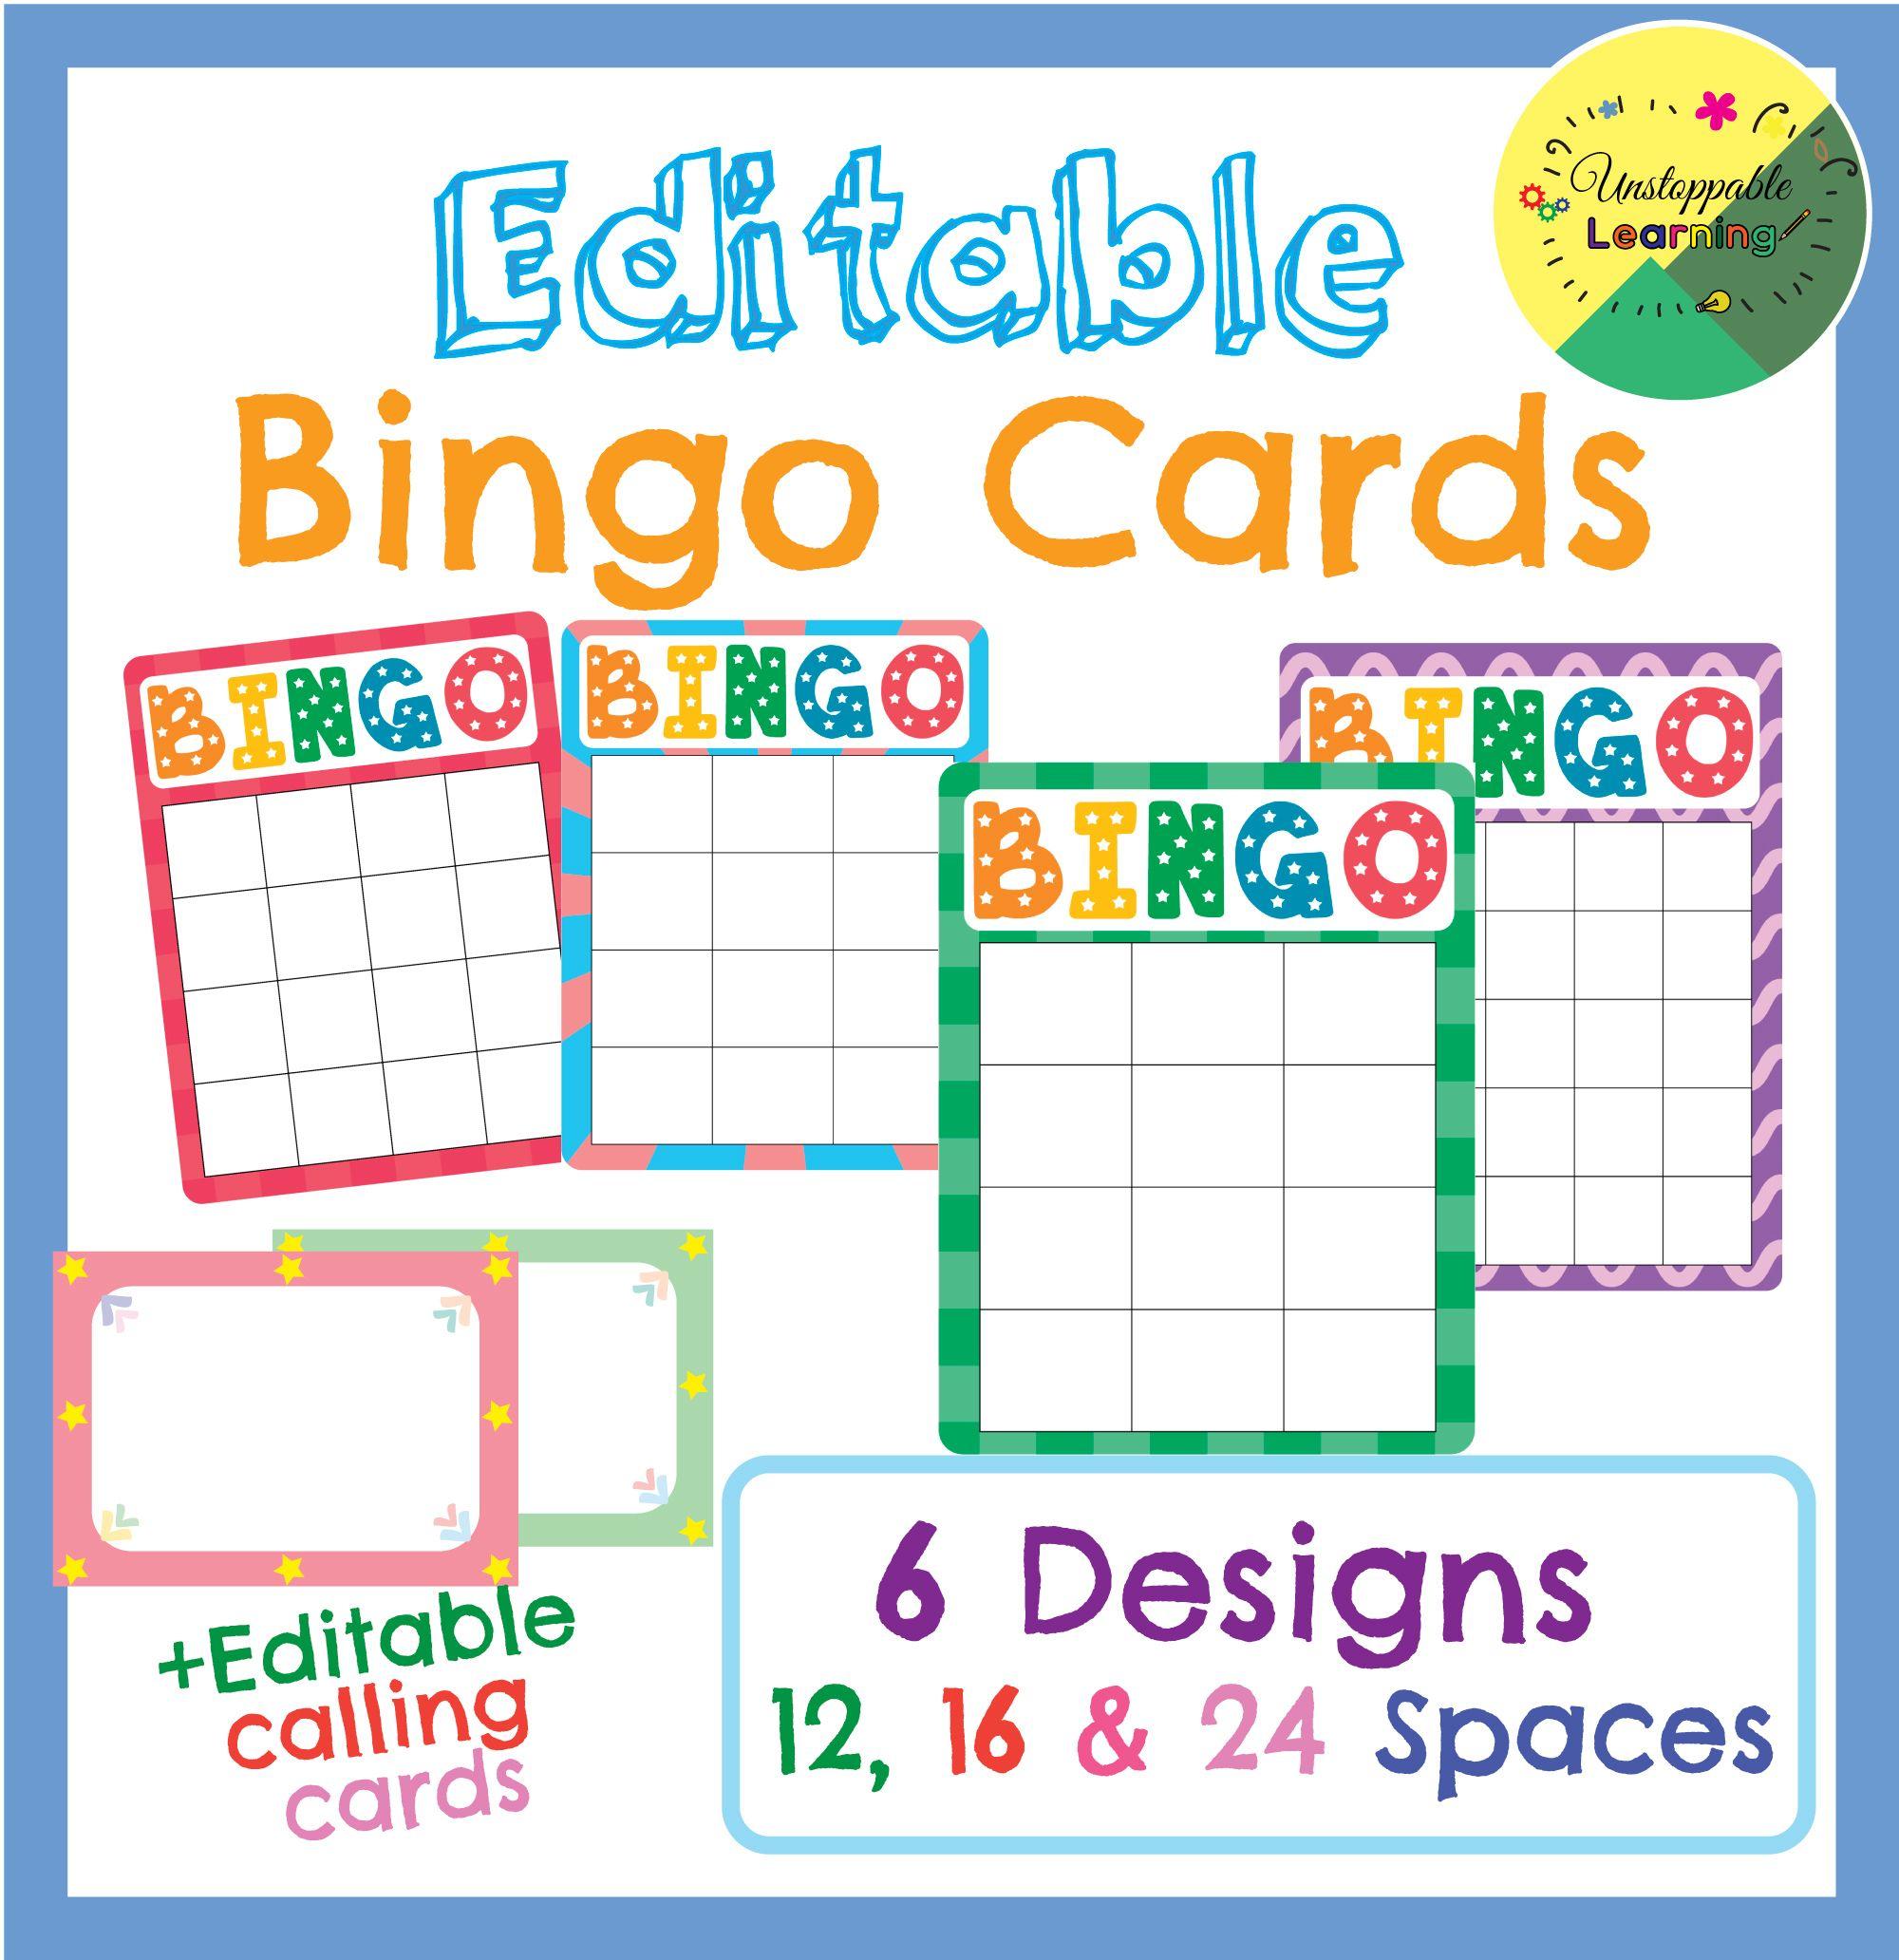 Editable Bingo Cards Bingo Cards Bingo